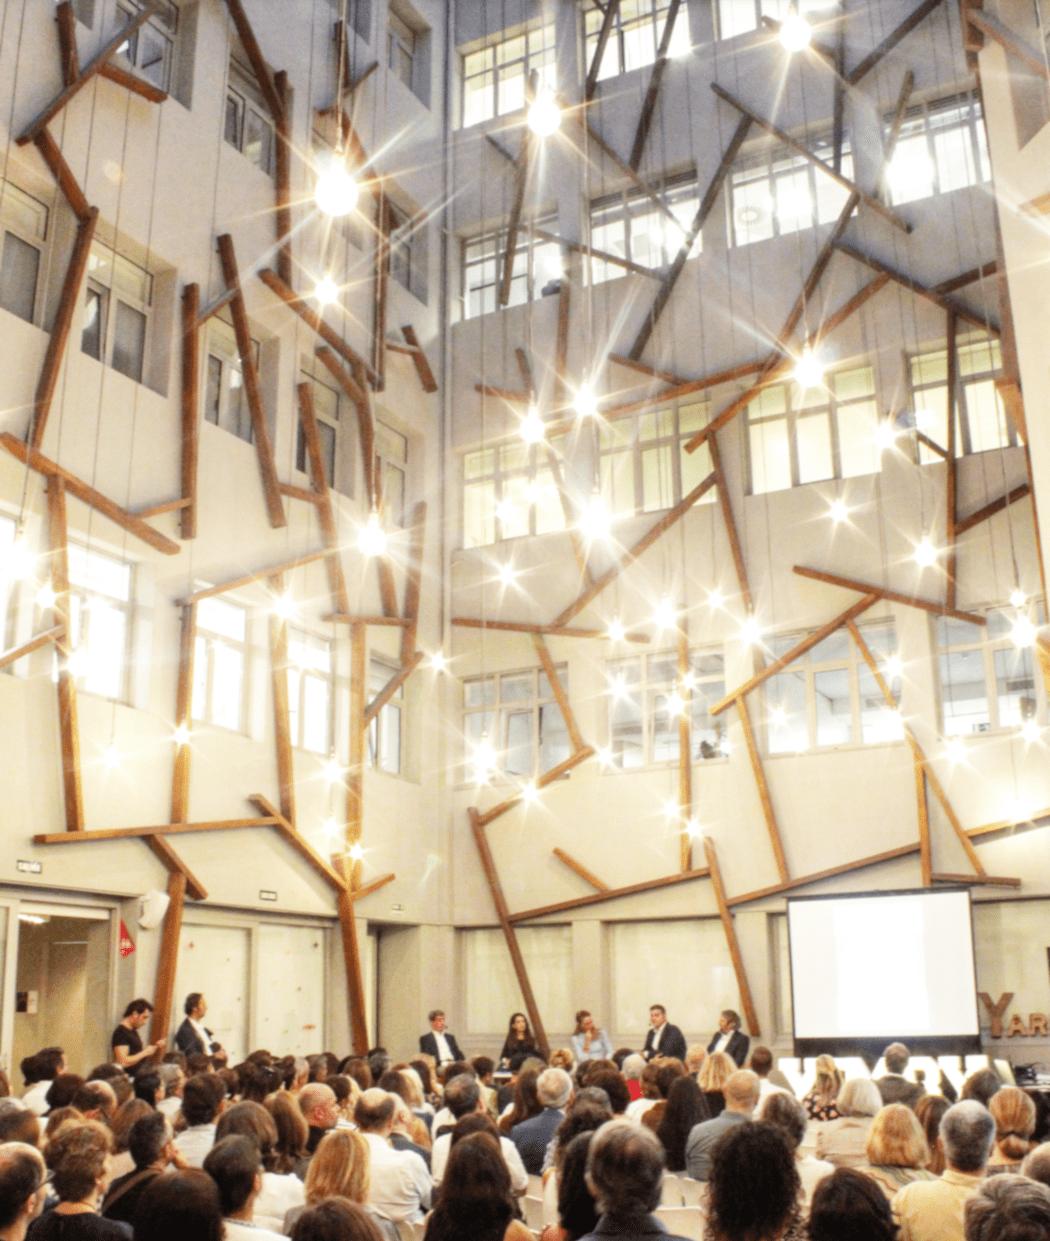 El patio YARD iluminado con personas en un evento